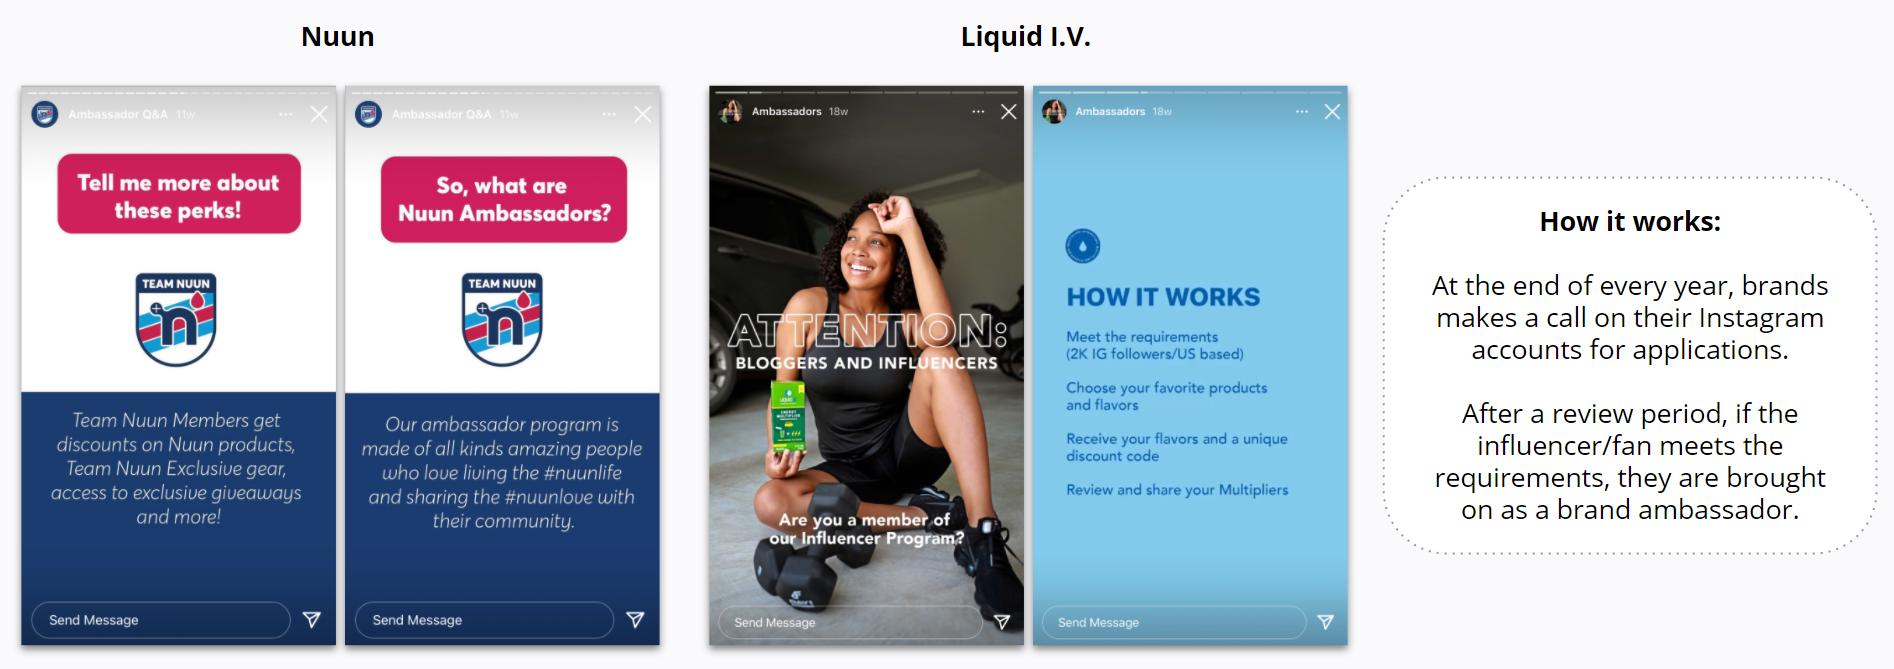 Nuun and Liquid I.V. - Ambassador Programs